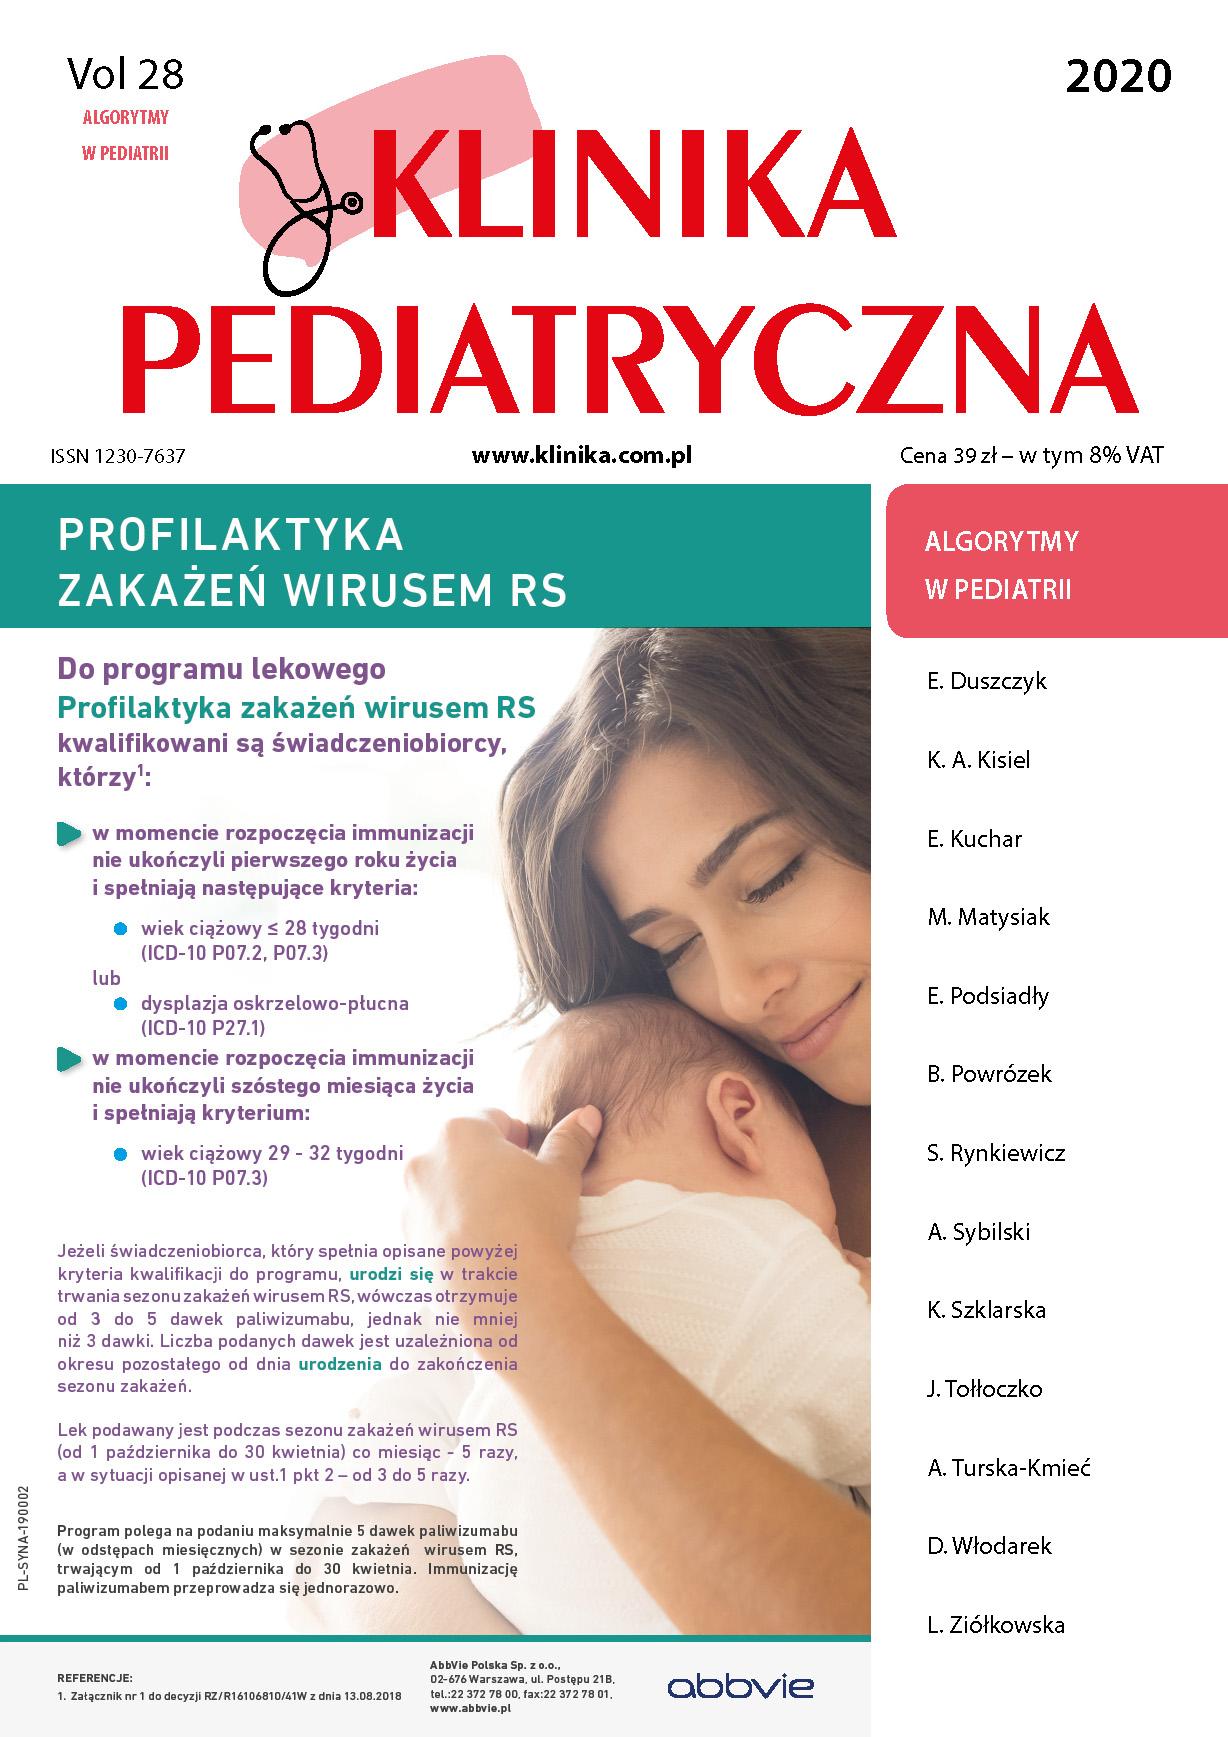 KP Algorytmy w pediatrii 2020